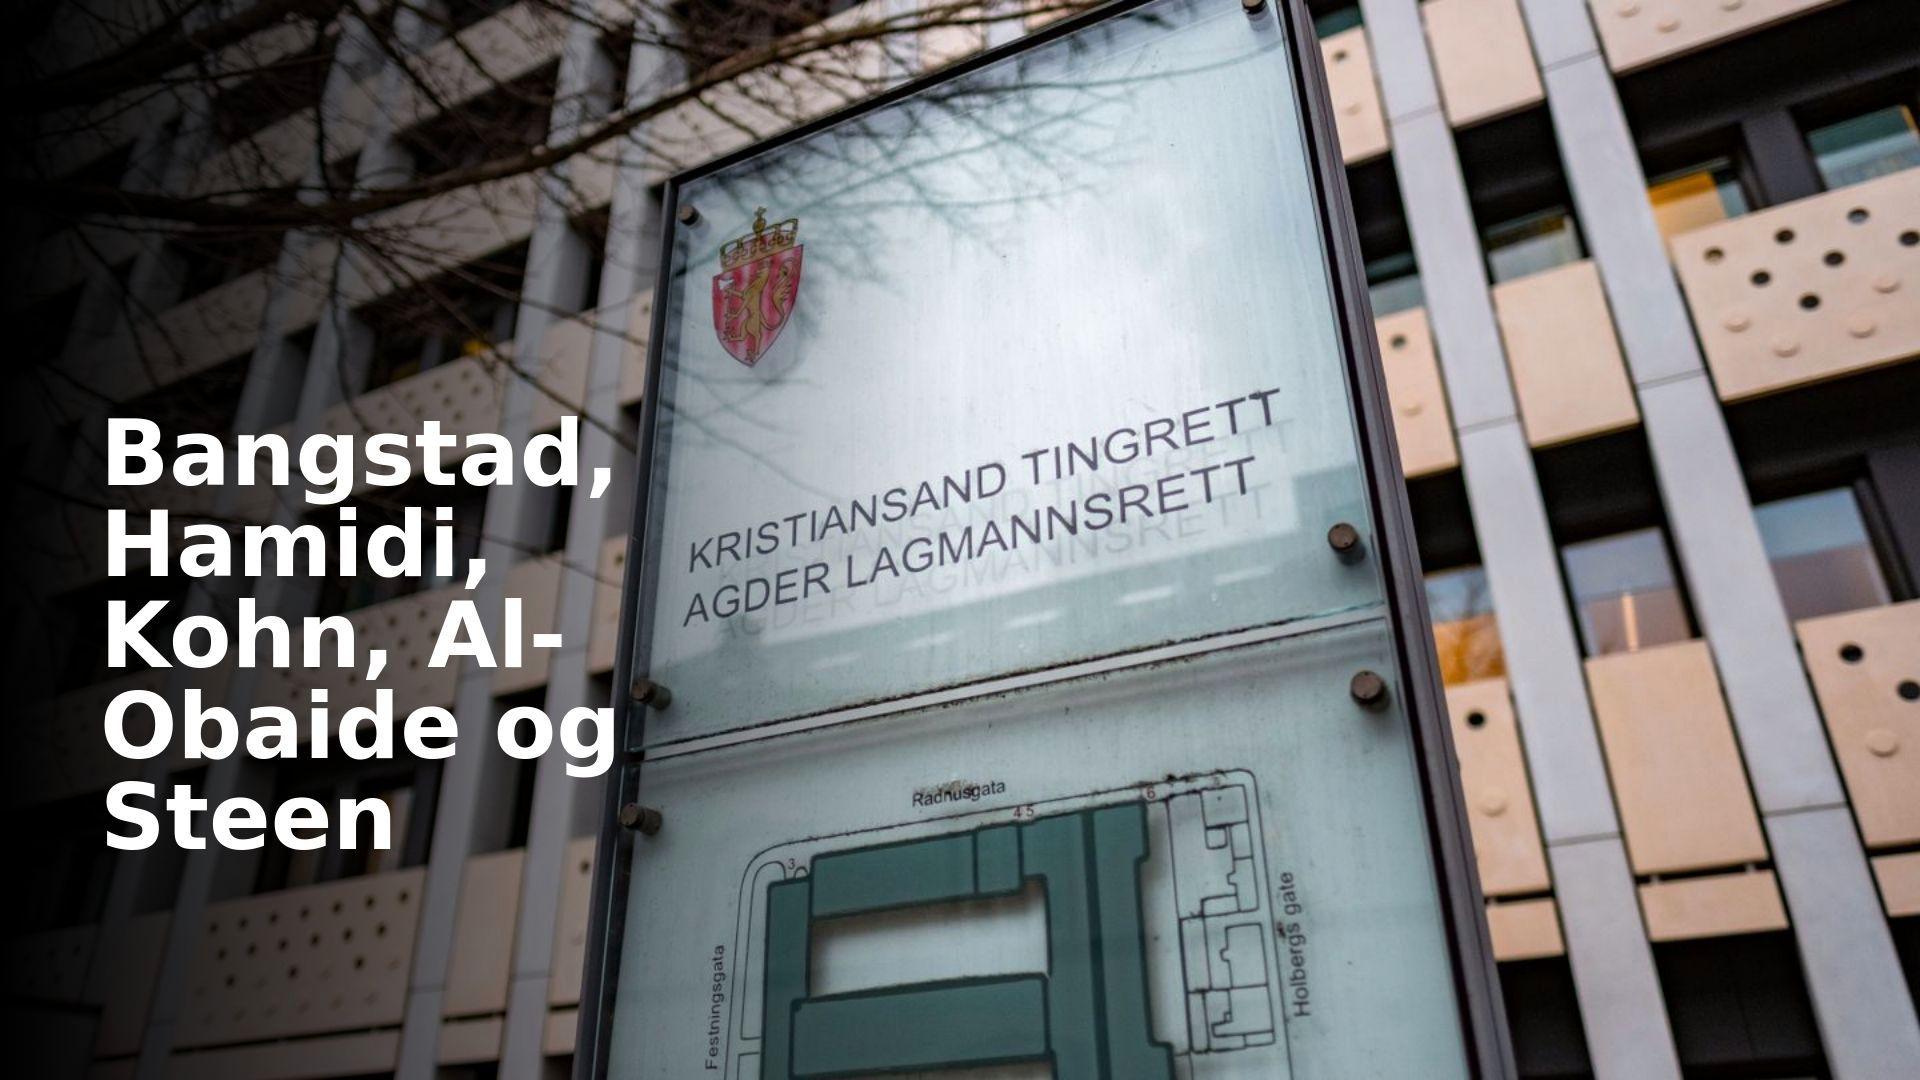 Agder lagmannsrett viser en historieløs holdning til nazisymboler | Bangstad, Hamidi, Kohn, Al-Obaide og Steen